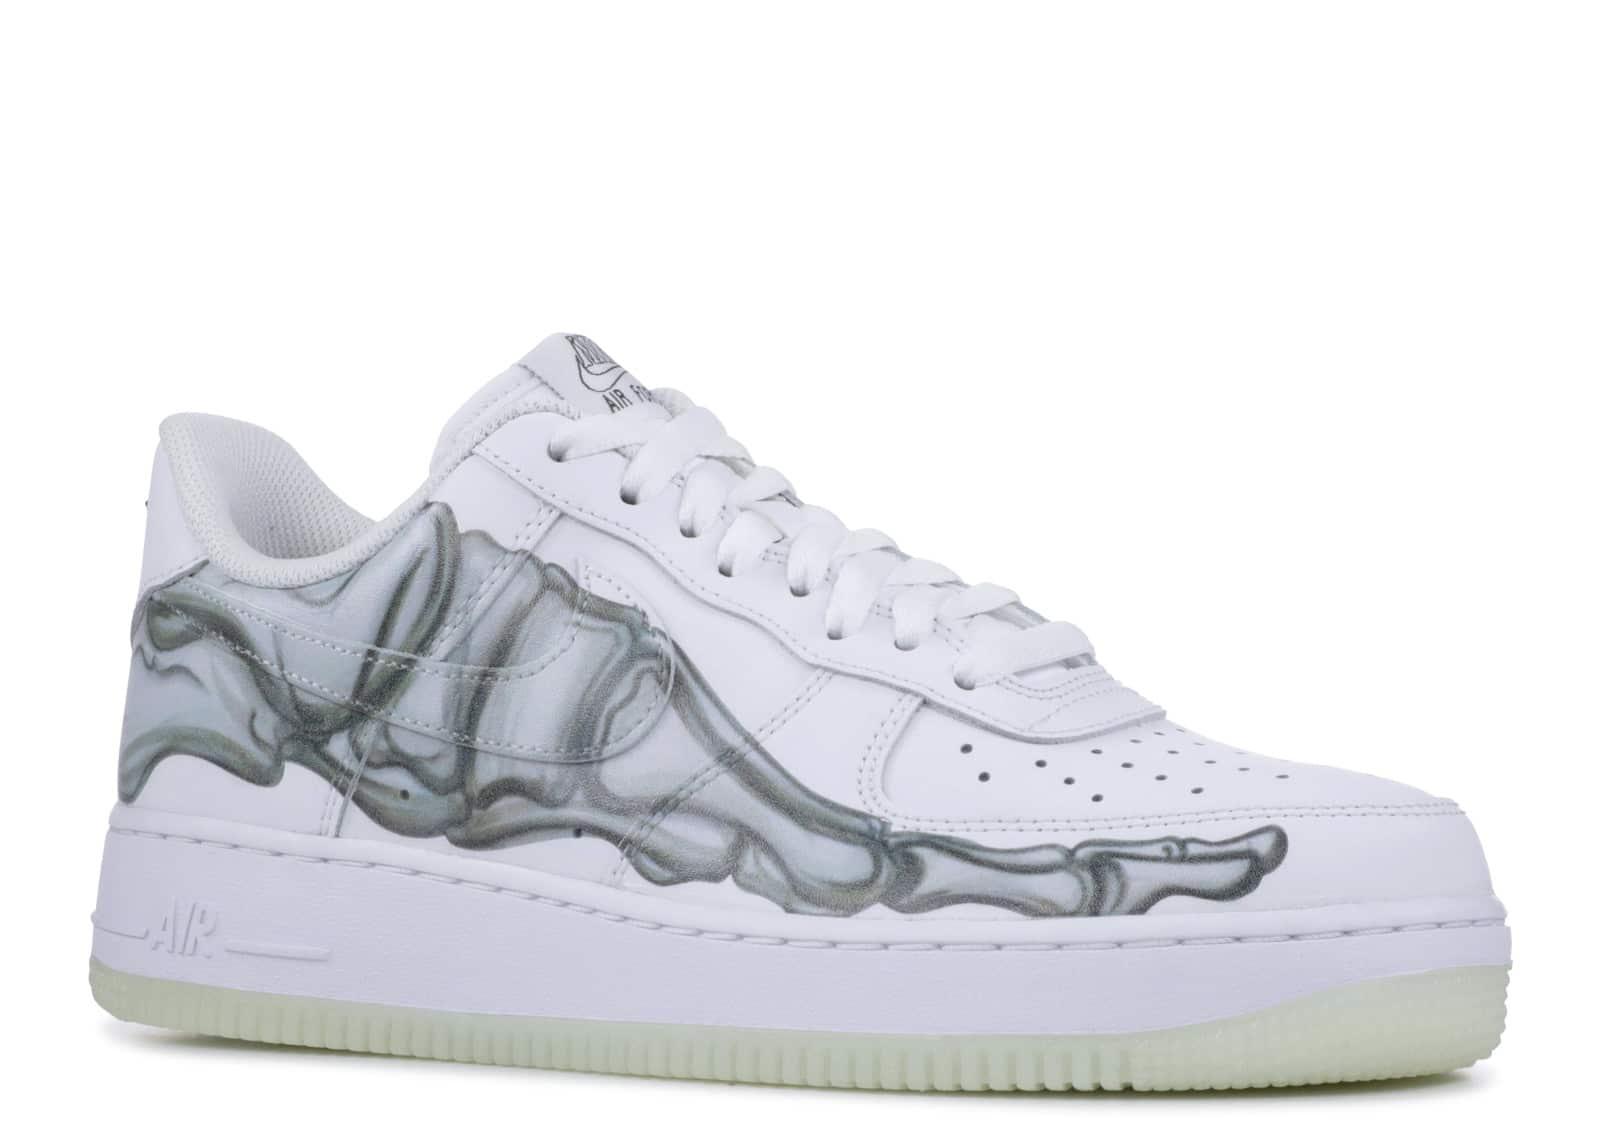 Nike Air Force 1 Low Skeleton Halloween (2018) kickstw